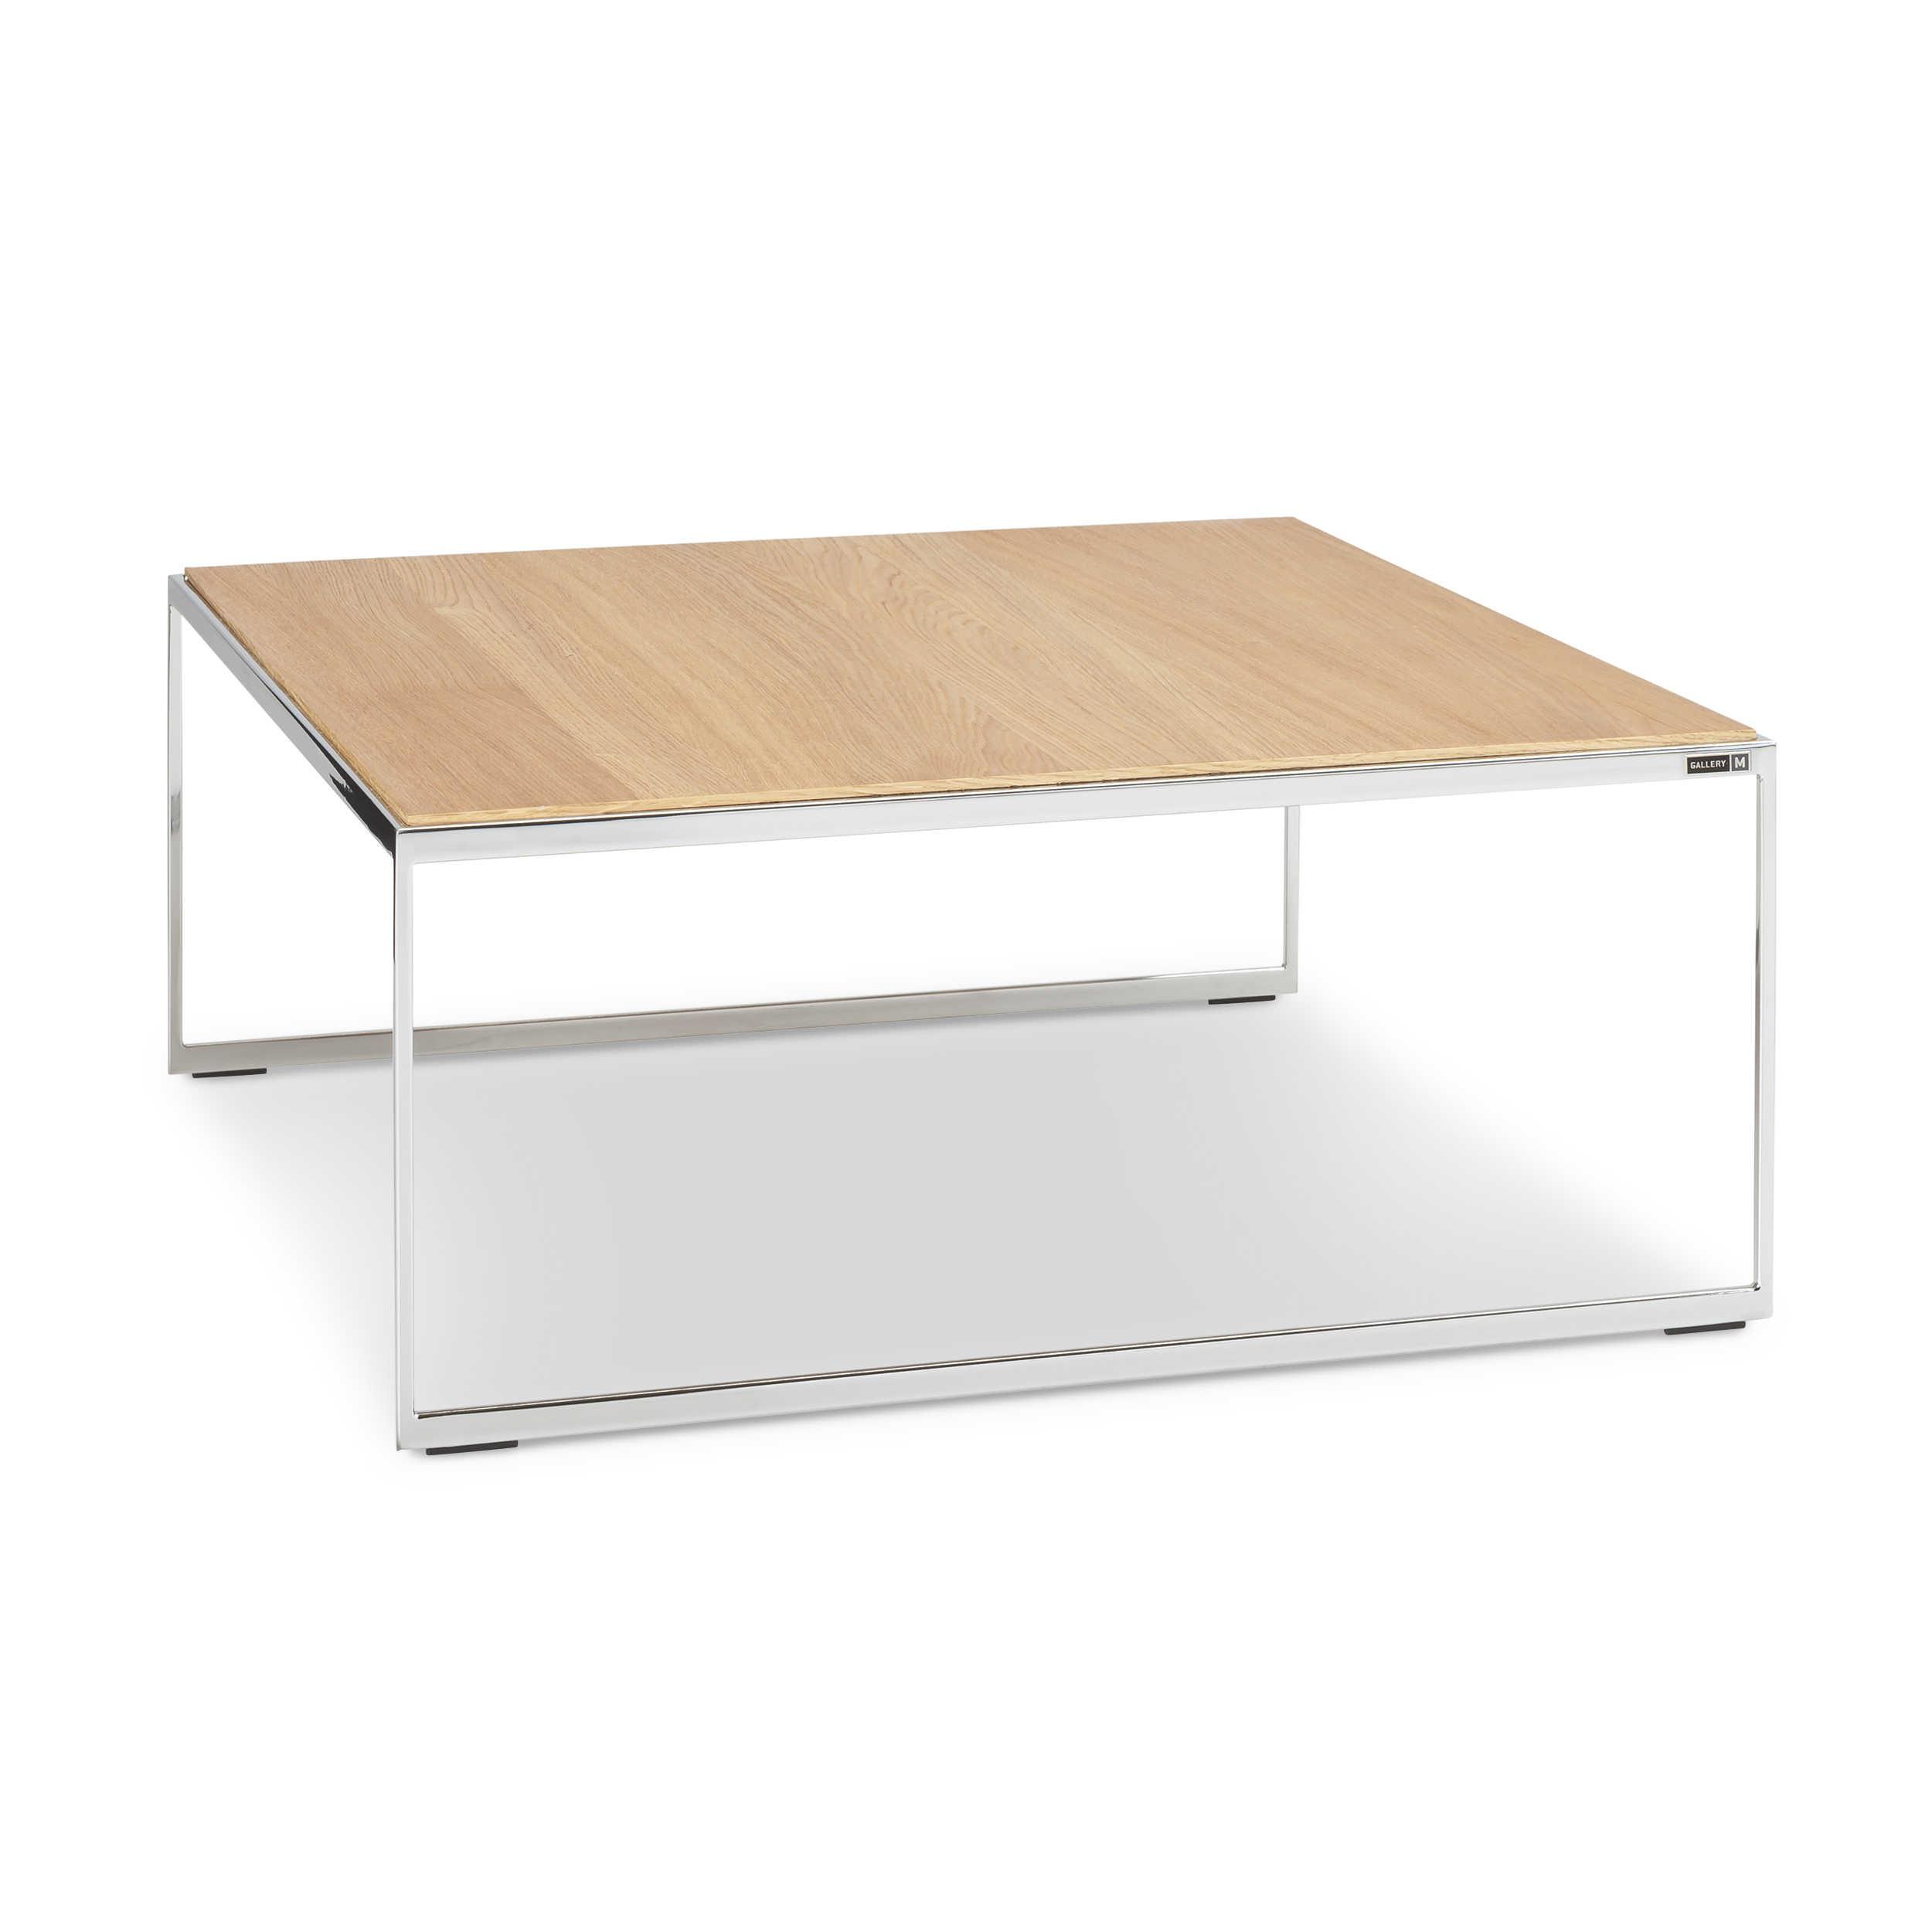 gallery m couchtisch toscana t1505 eiche holz online kaufen bei woonio. Black Bedroom Furniture Sets. Home Design Ideas